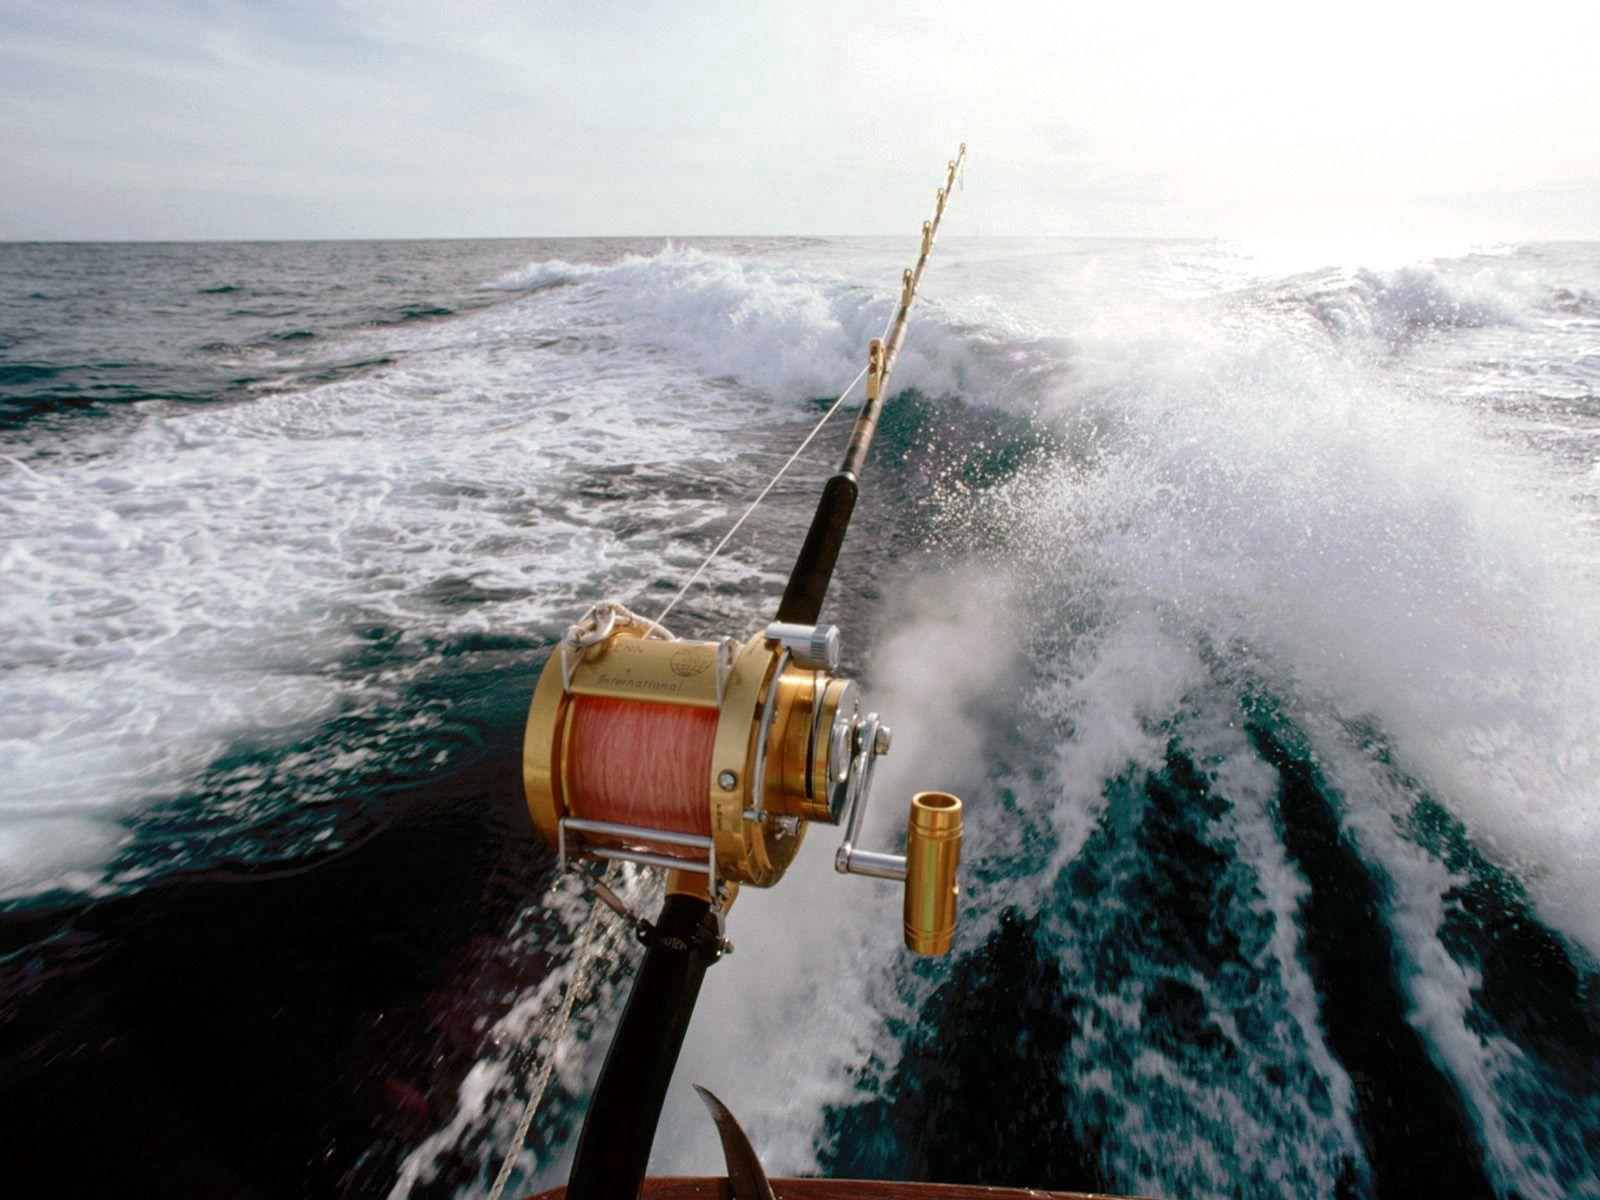 128139 скачать обои Спорт, Рыбалка, Катер, Море, Удочка, Волны - заставки и картинки бесплатно